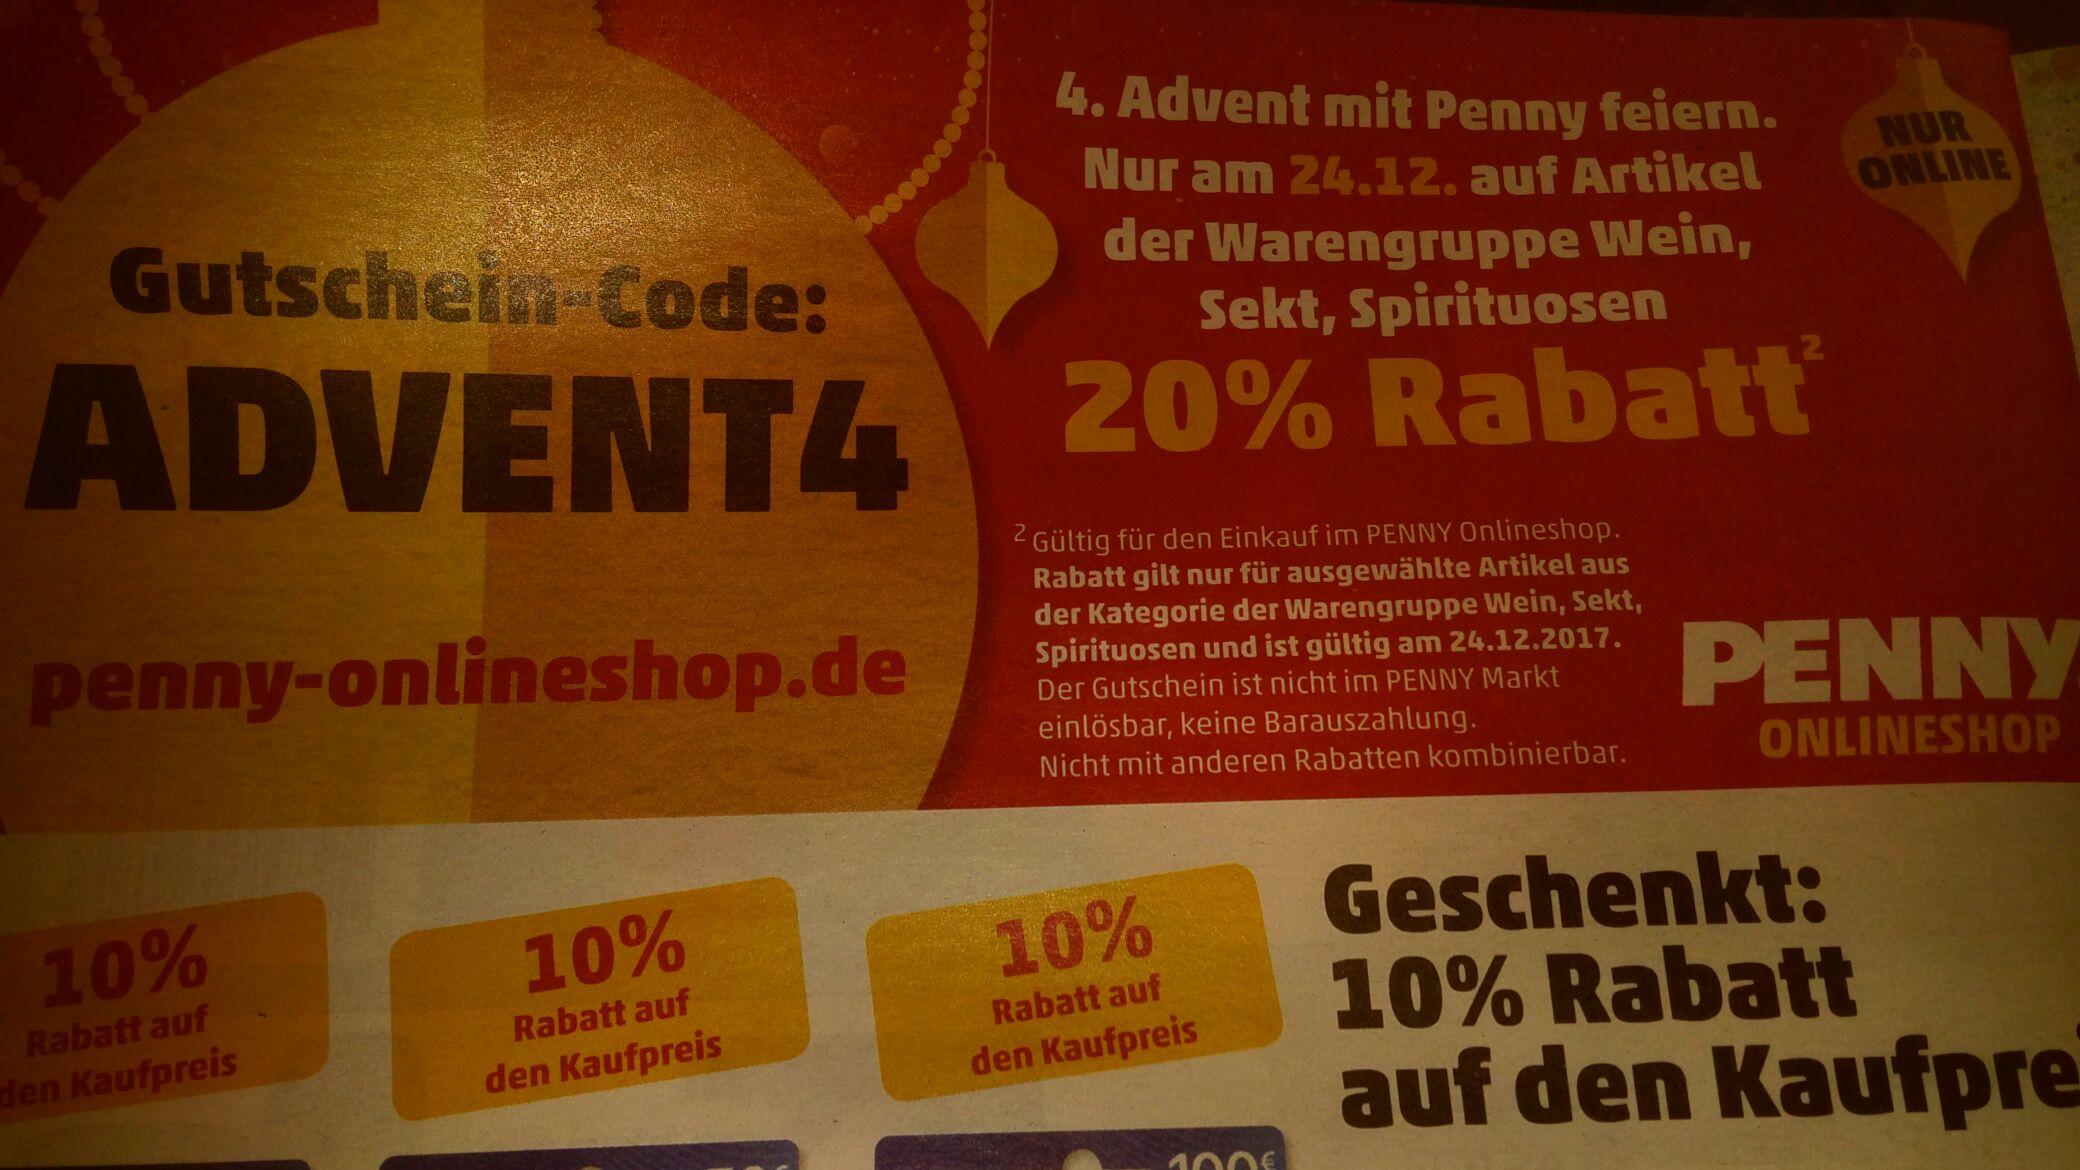 [Penny-Onlineshop.de] 20% auf Weine, Sekt und Spirituosen (ausgewählte Artikel) an Heiligabend 24.12